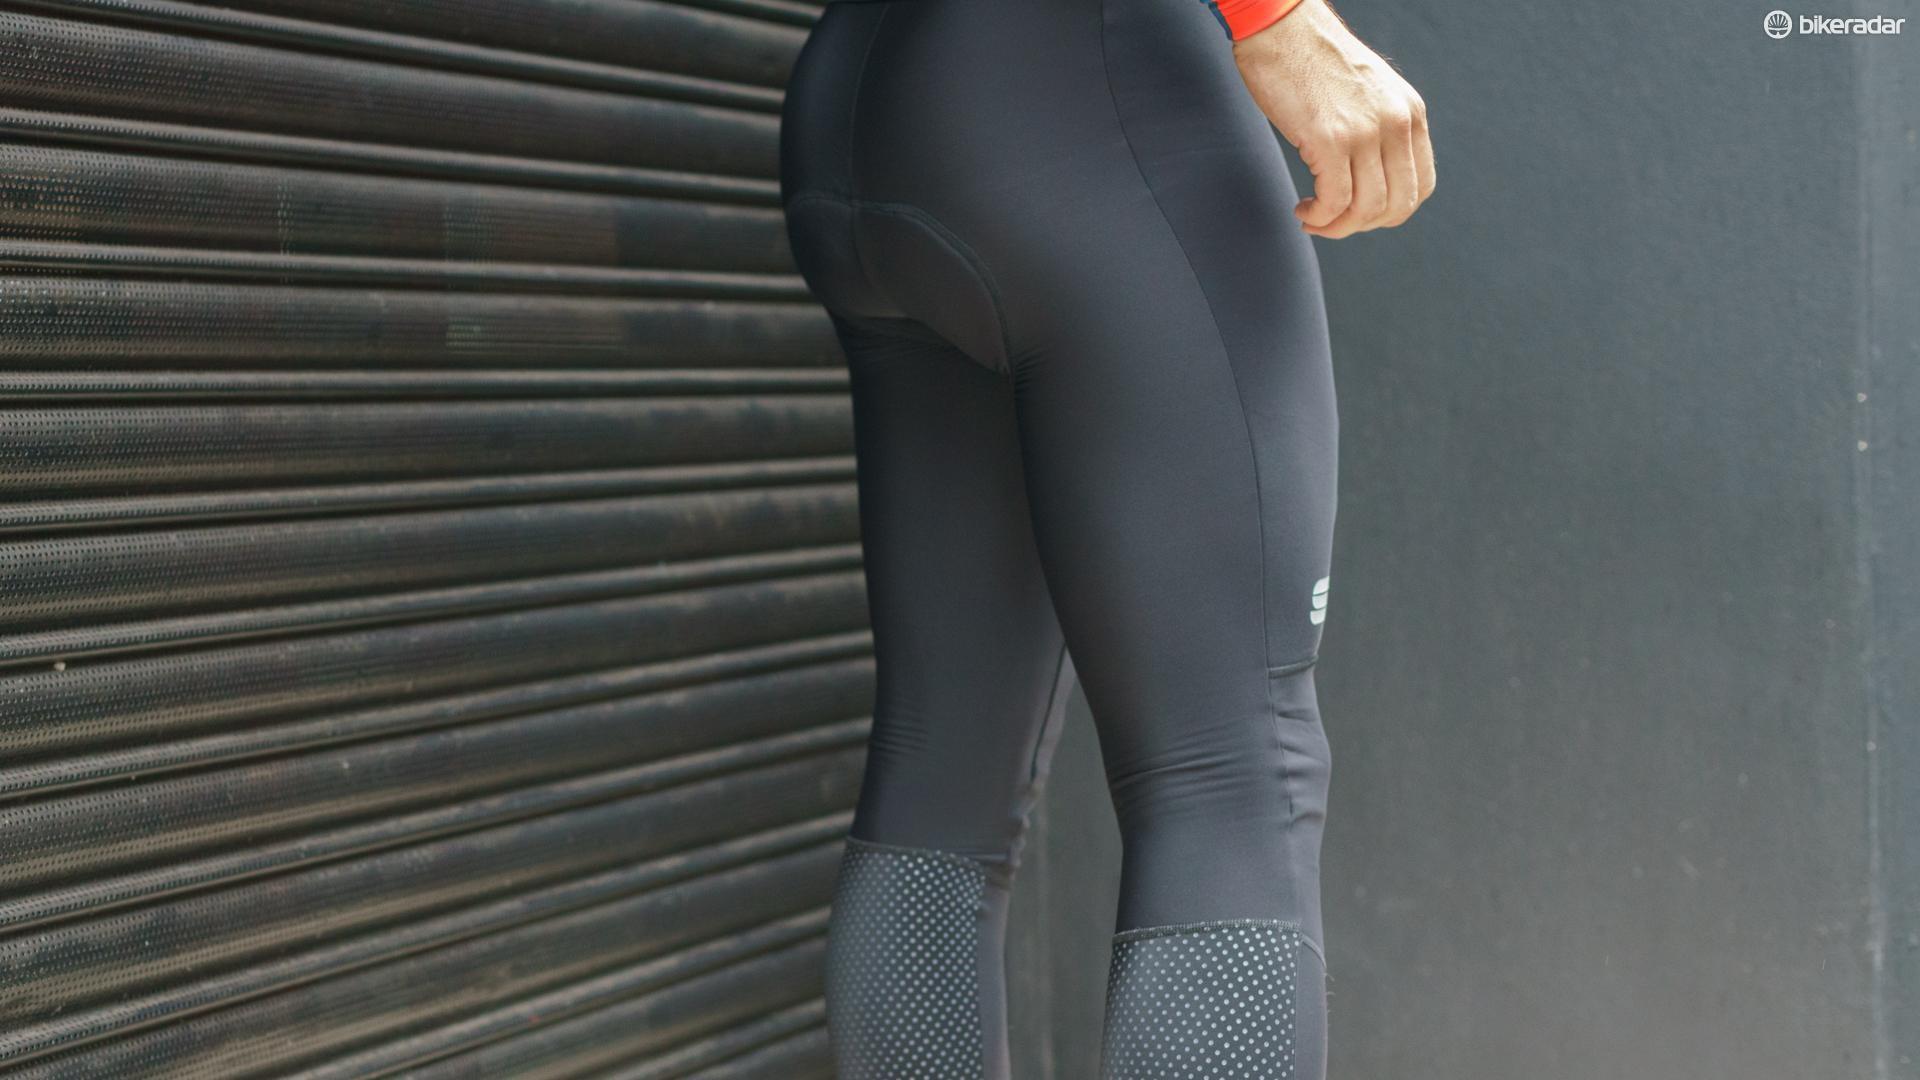 Sportful's Total Comfort bib tights